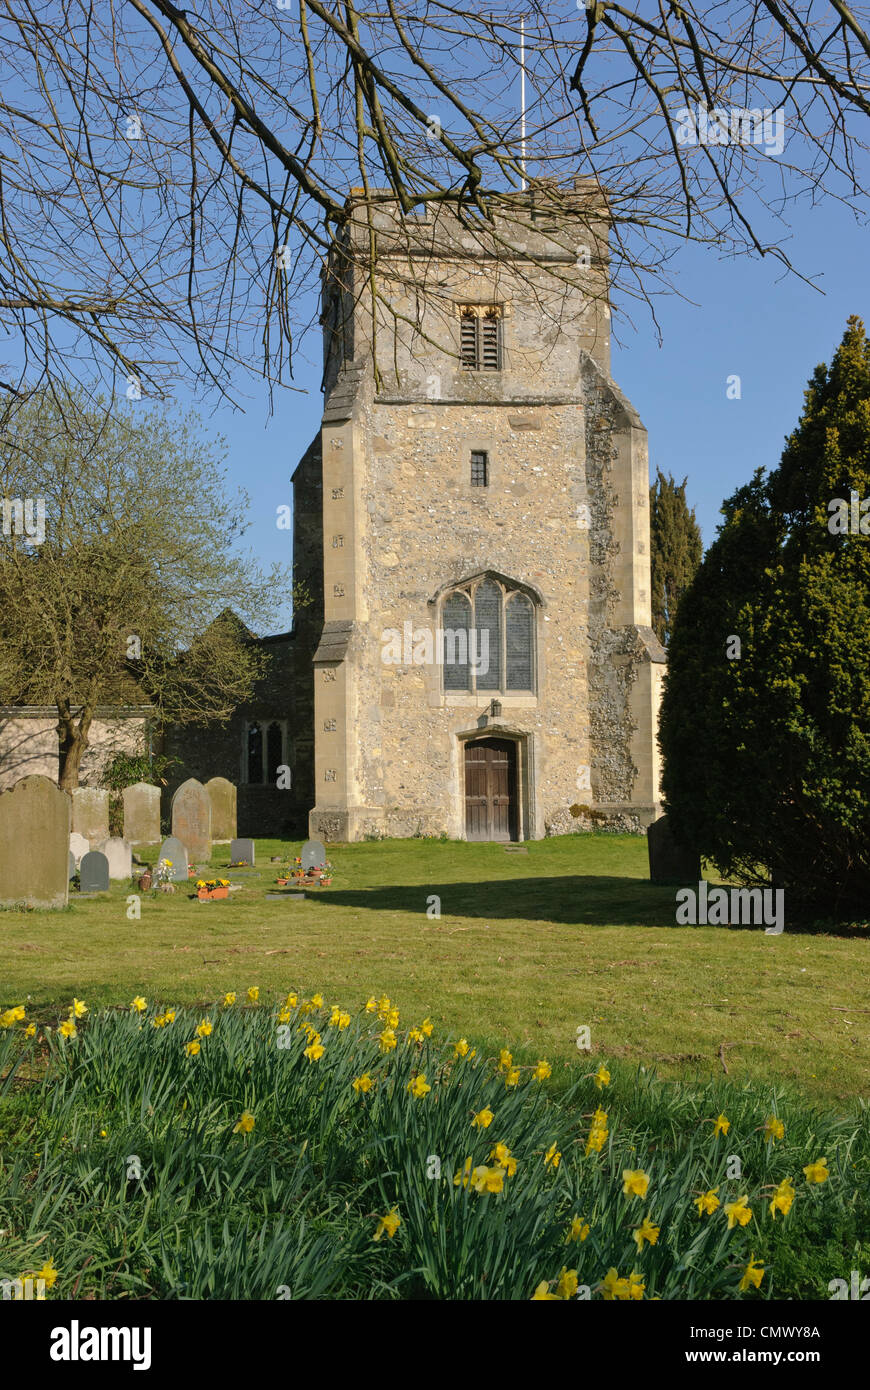 St John the Baptist Church, Little Missenden, Buckinghamshire, UK - Stock Image